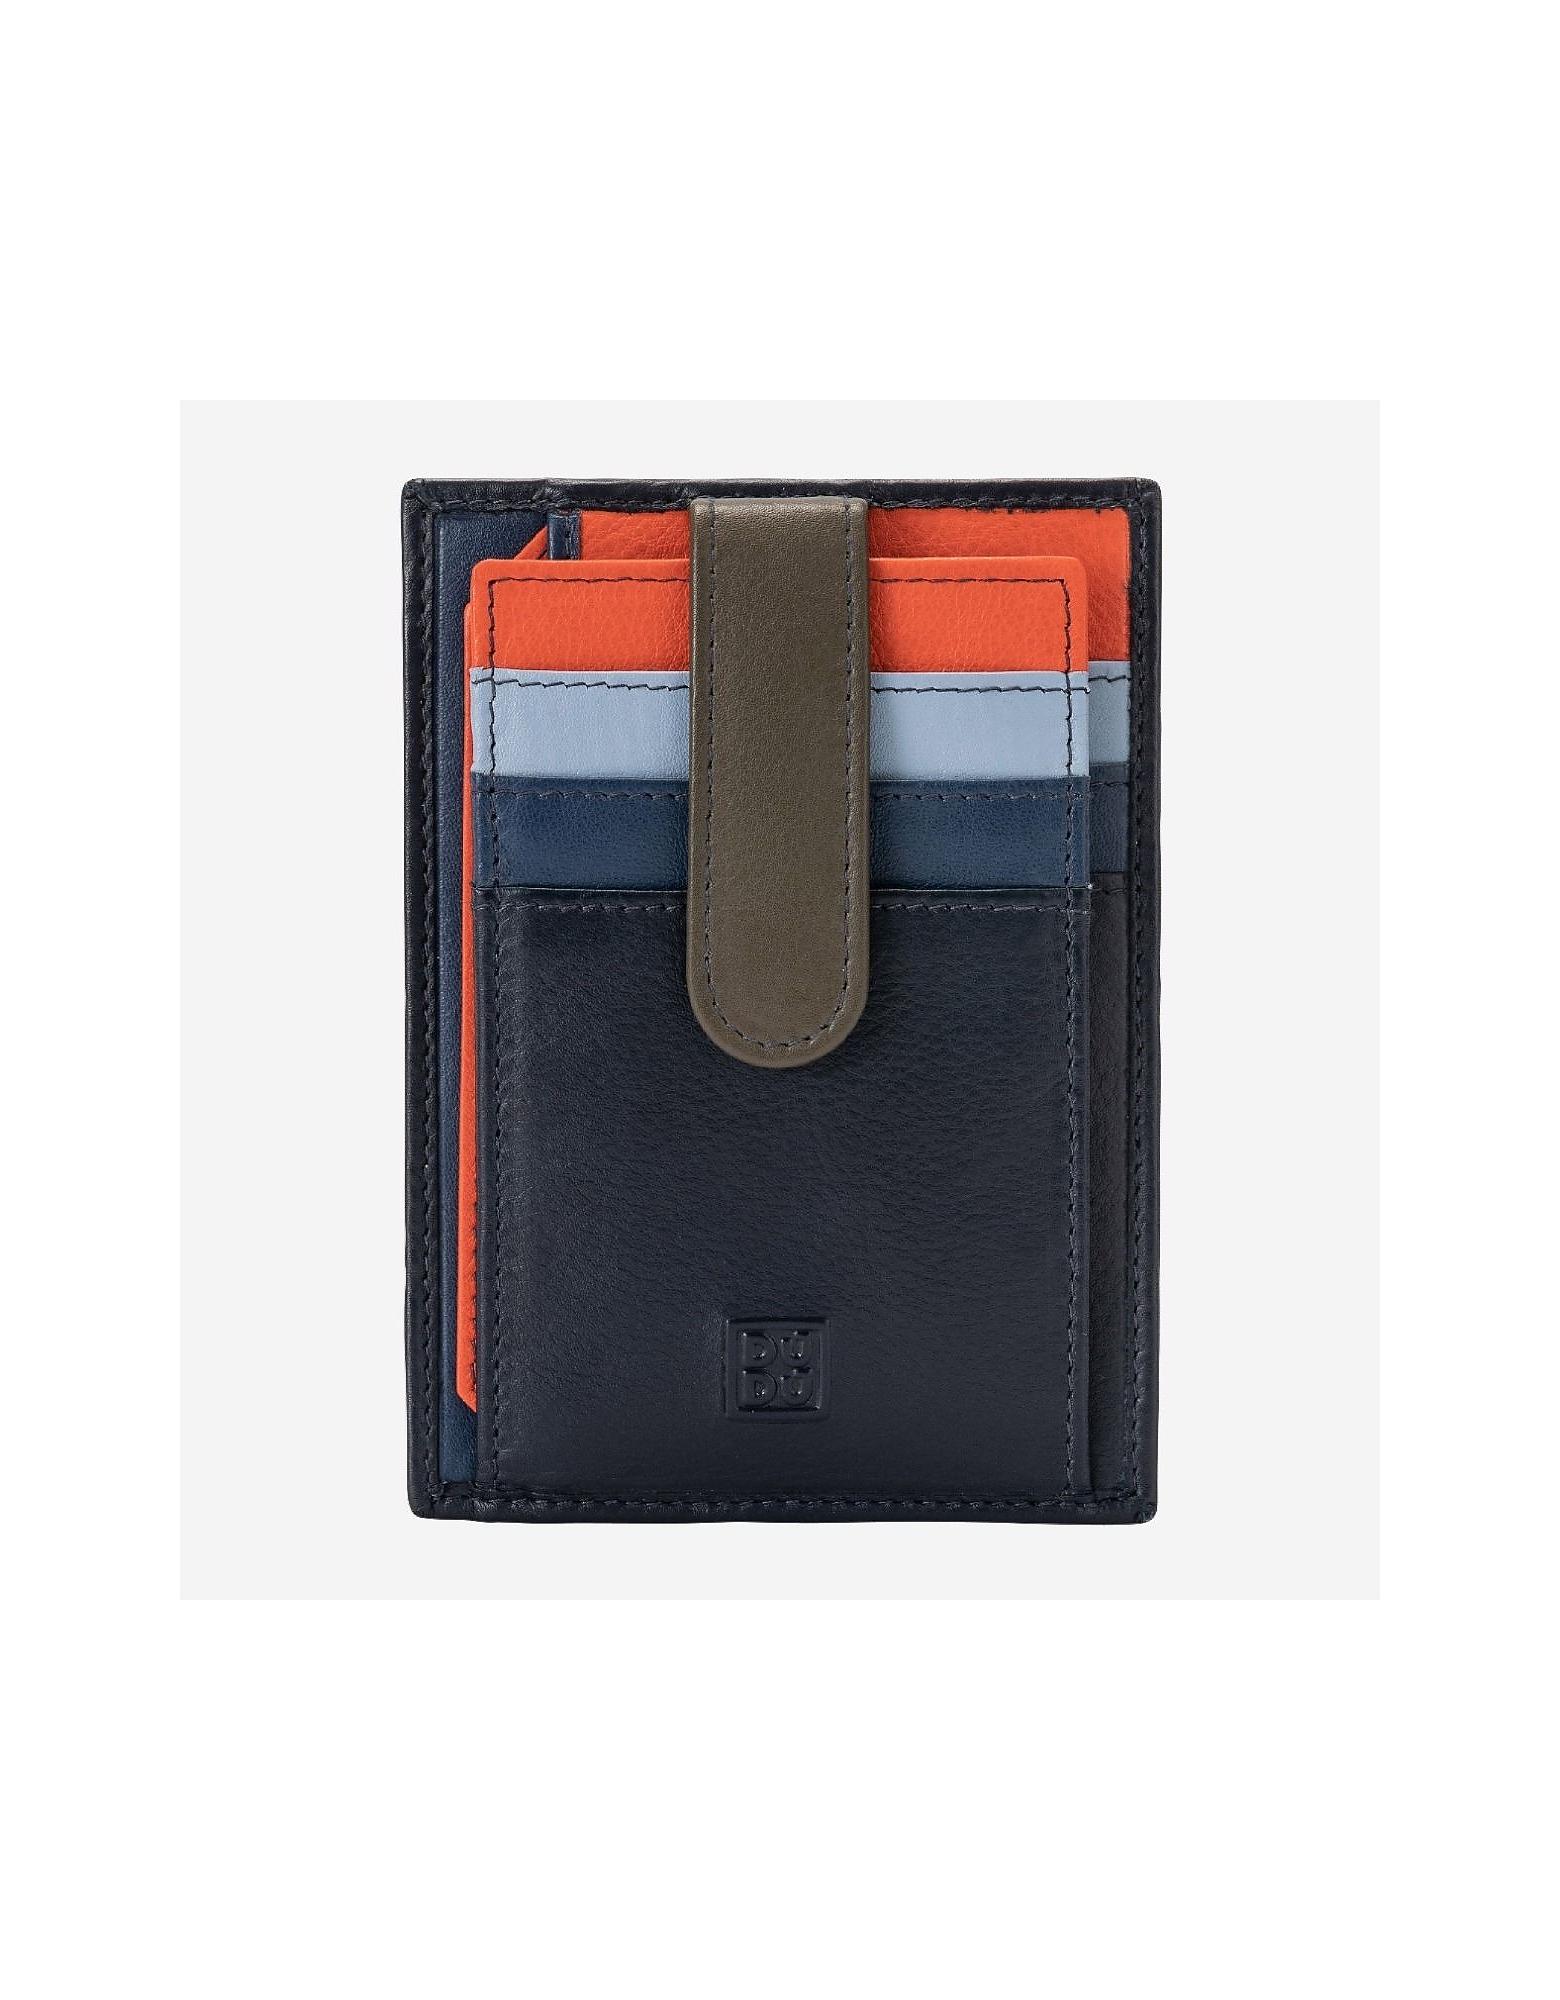 Dudubags Designer Wallets, Blue Wallet